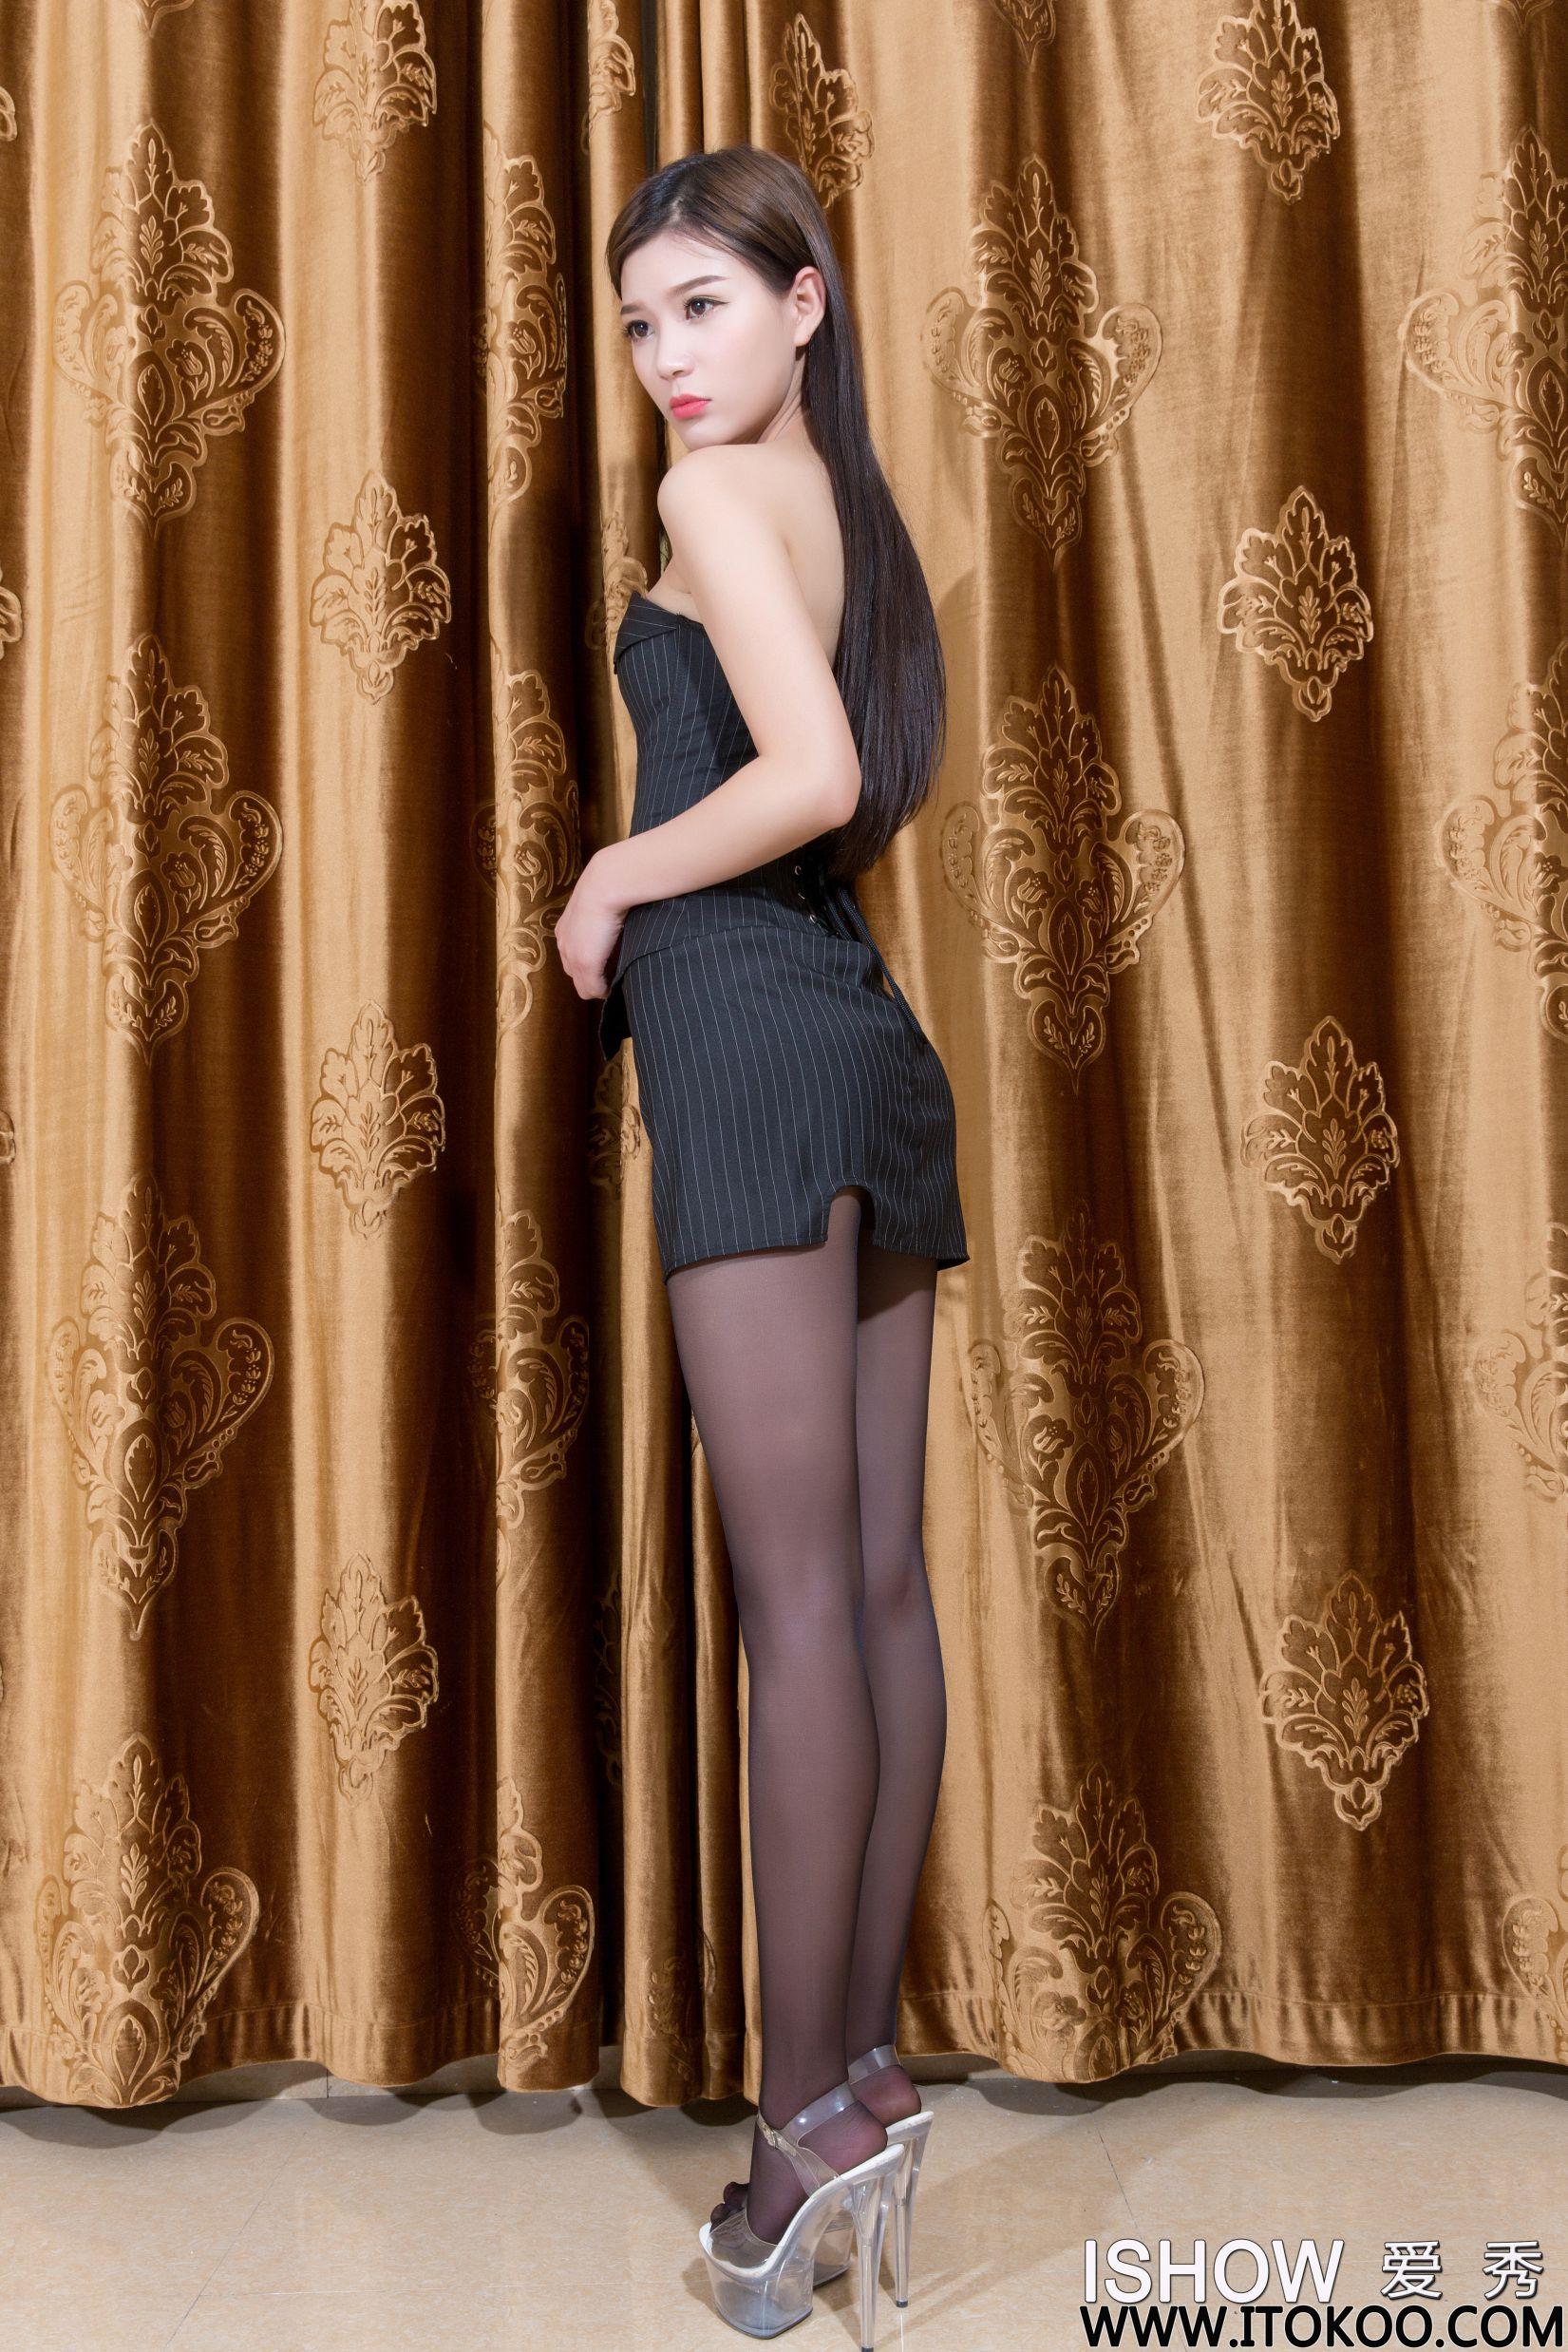 余菲菲Faye - 抹胸超短裙+黑丝美腿写真图片